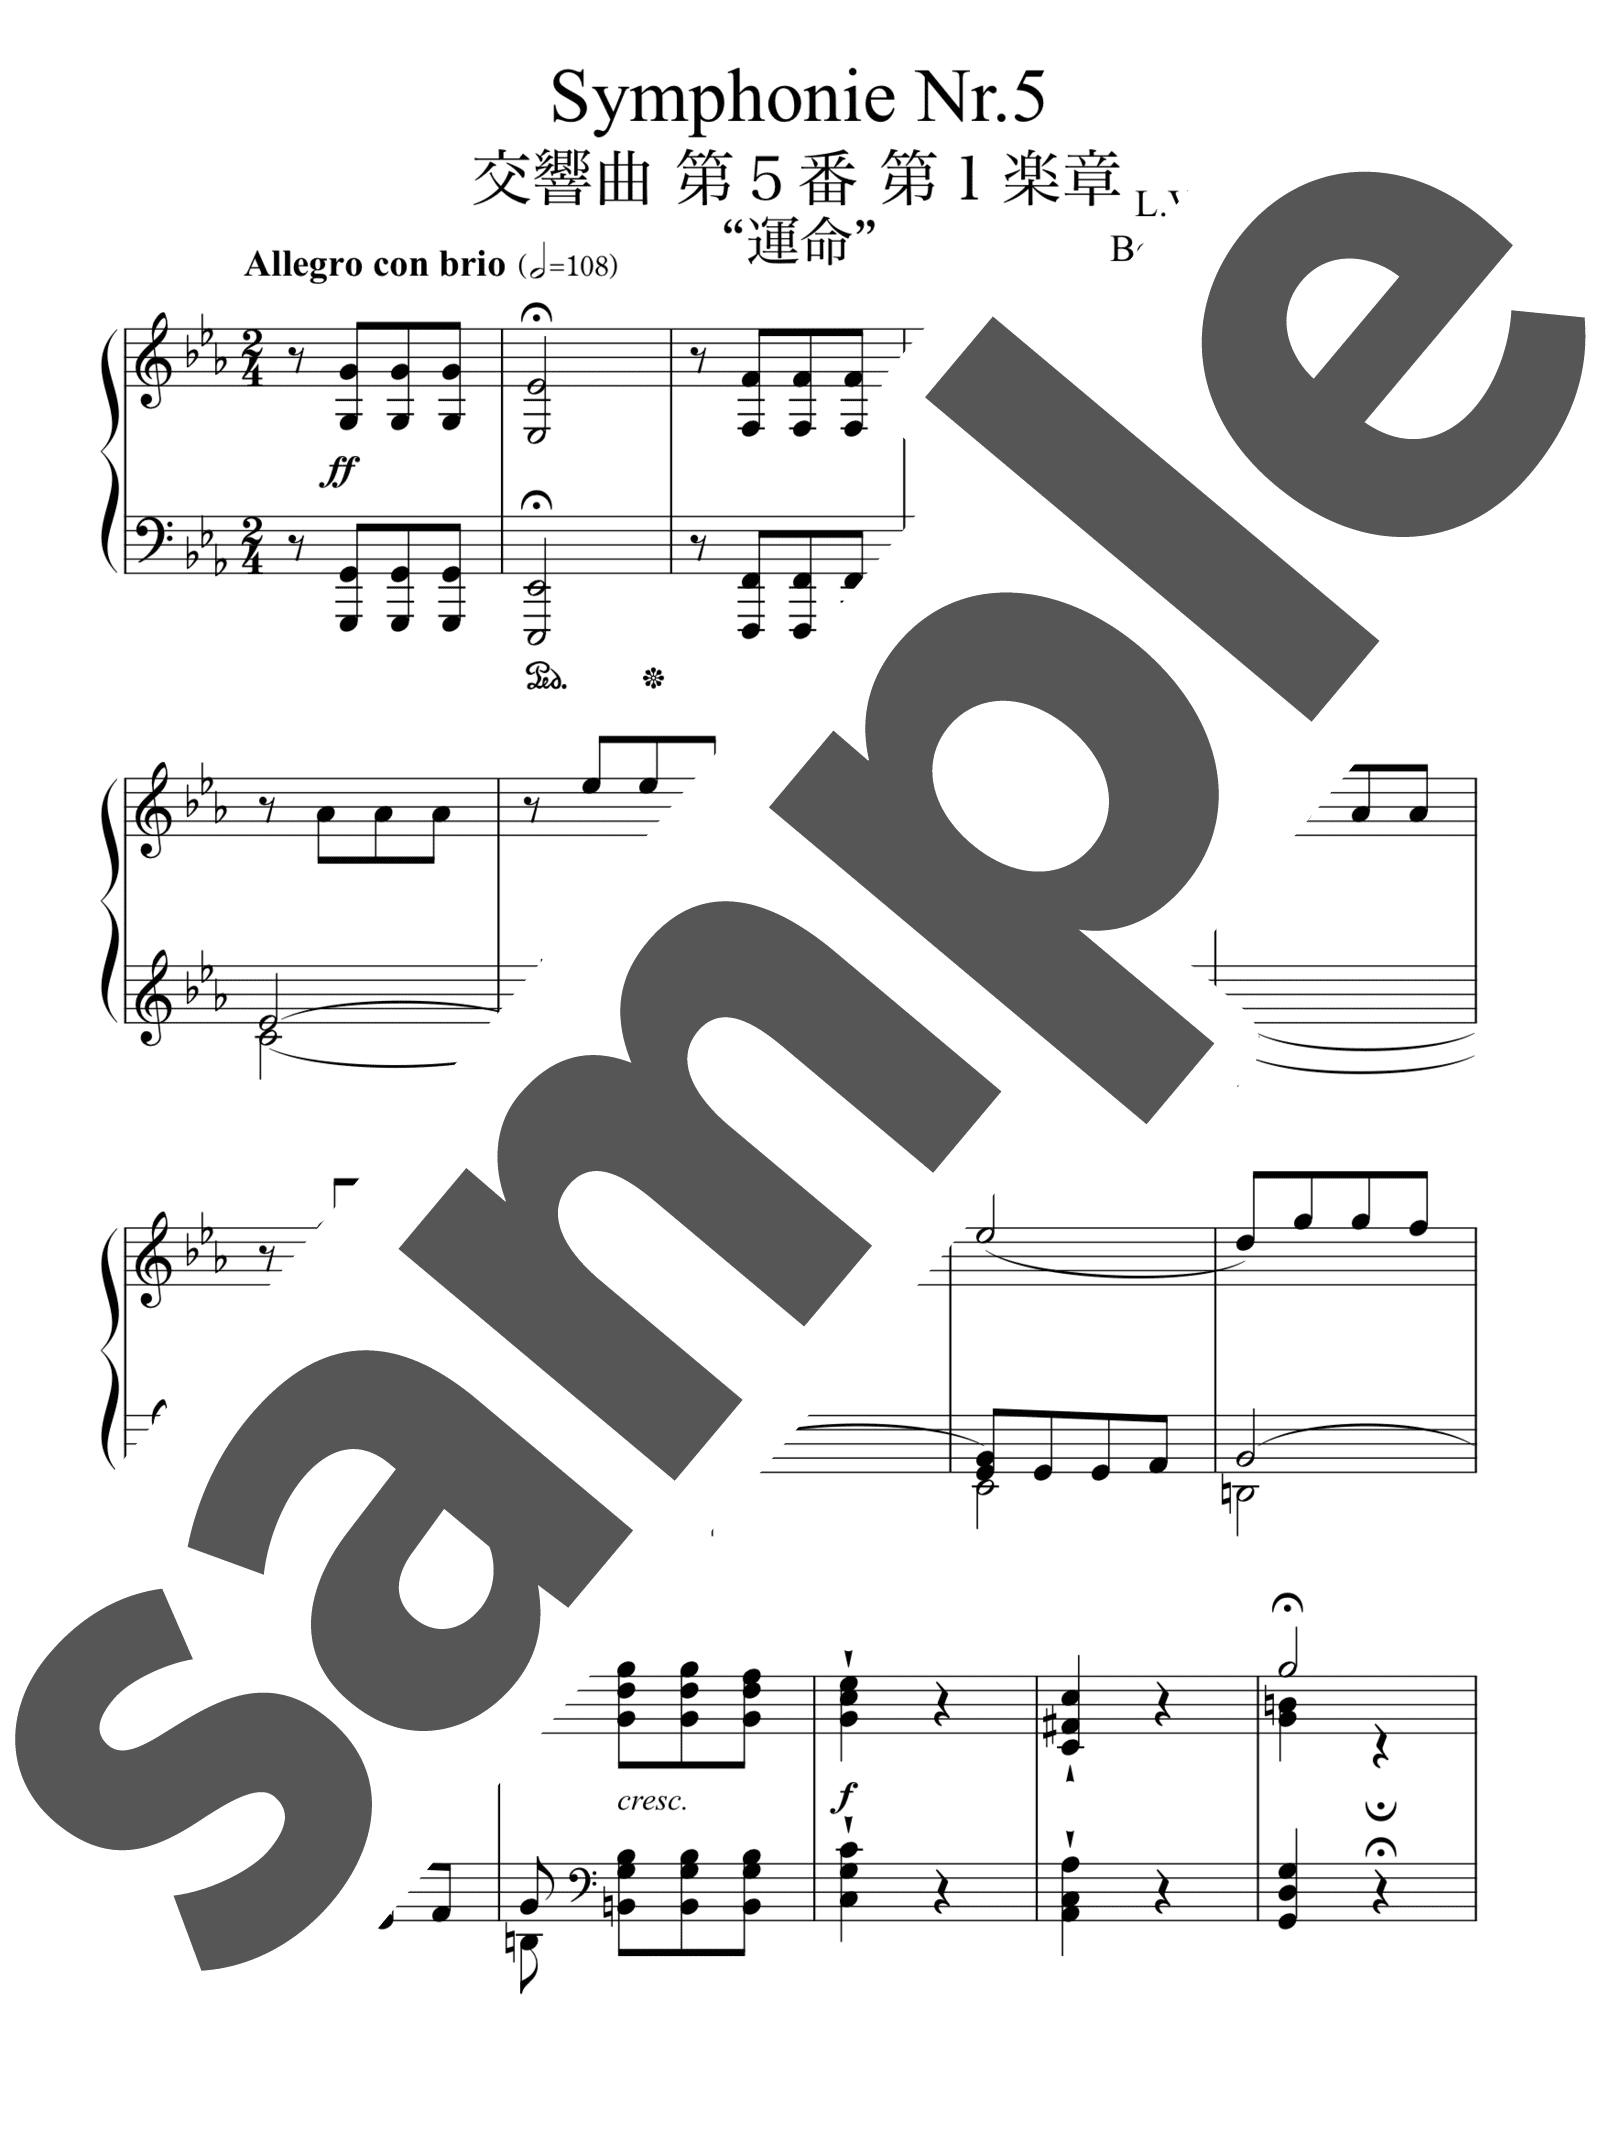 「交響曲第5番 ハ短調「運命」リスト編曲 第1楽章」のサンプル楽譜